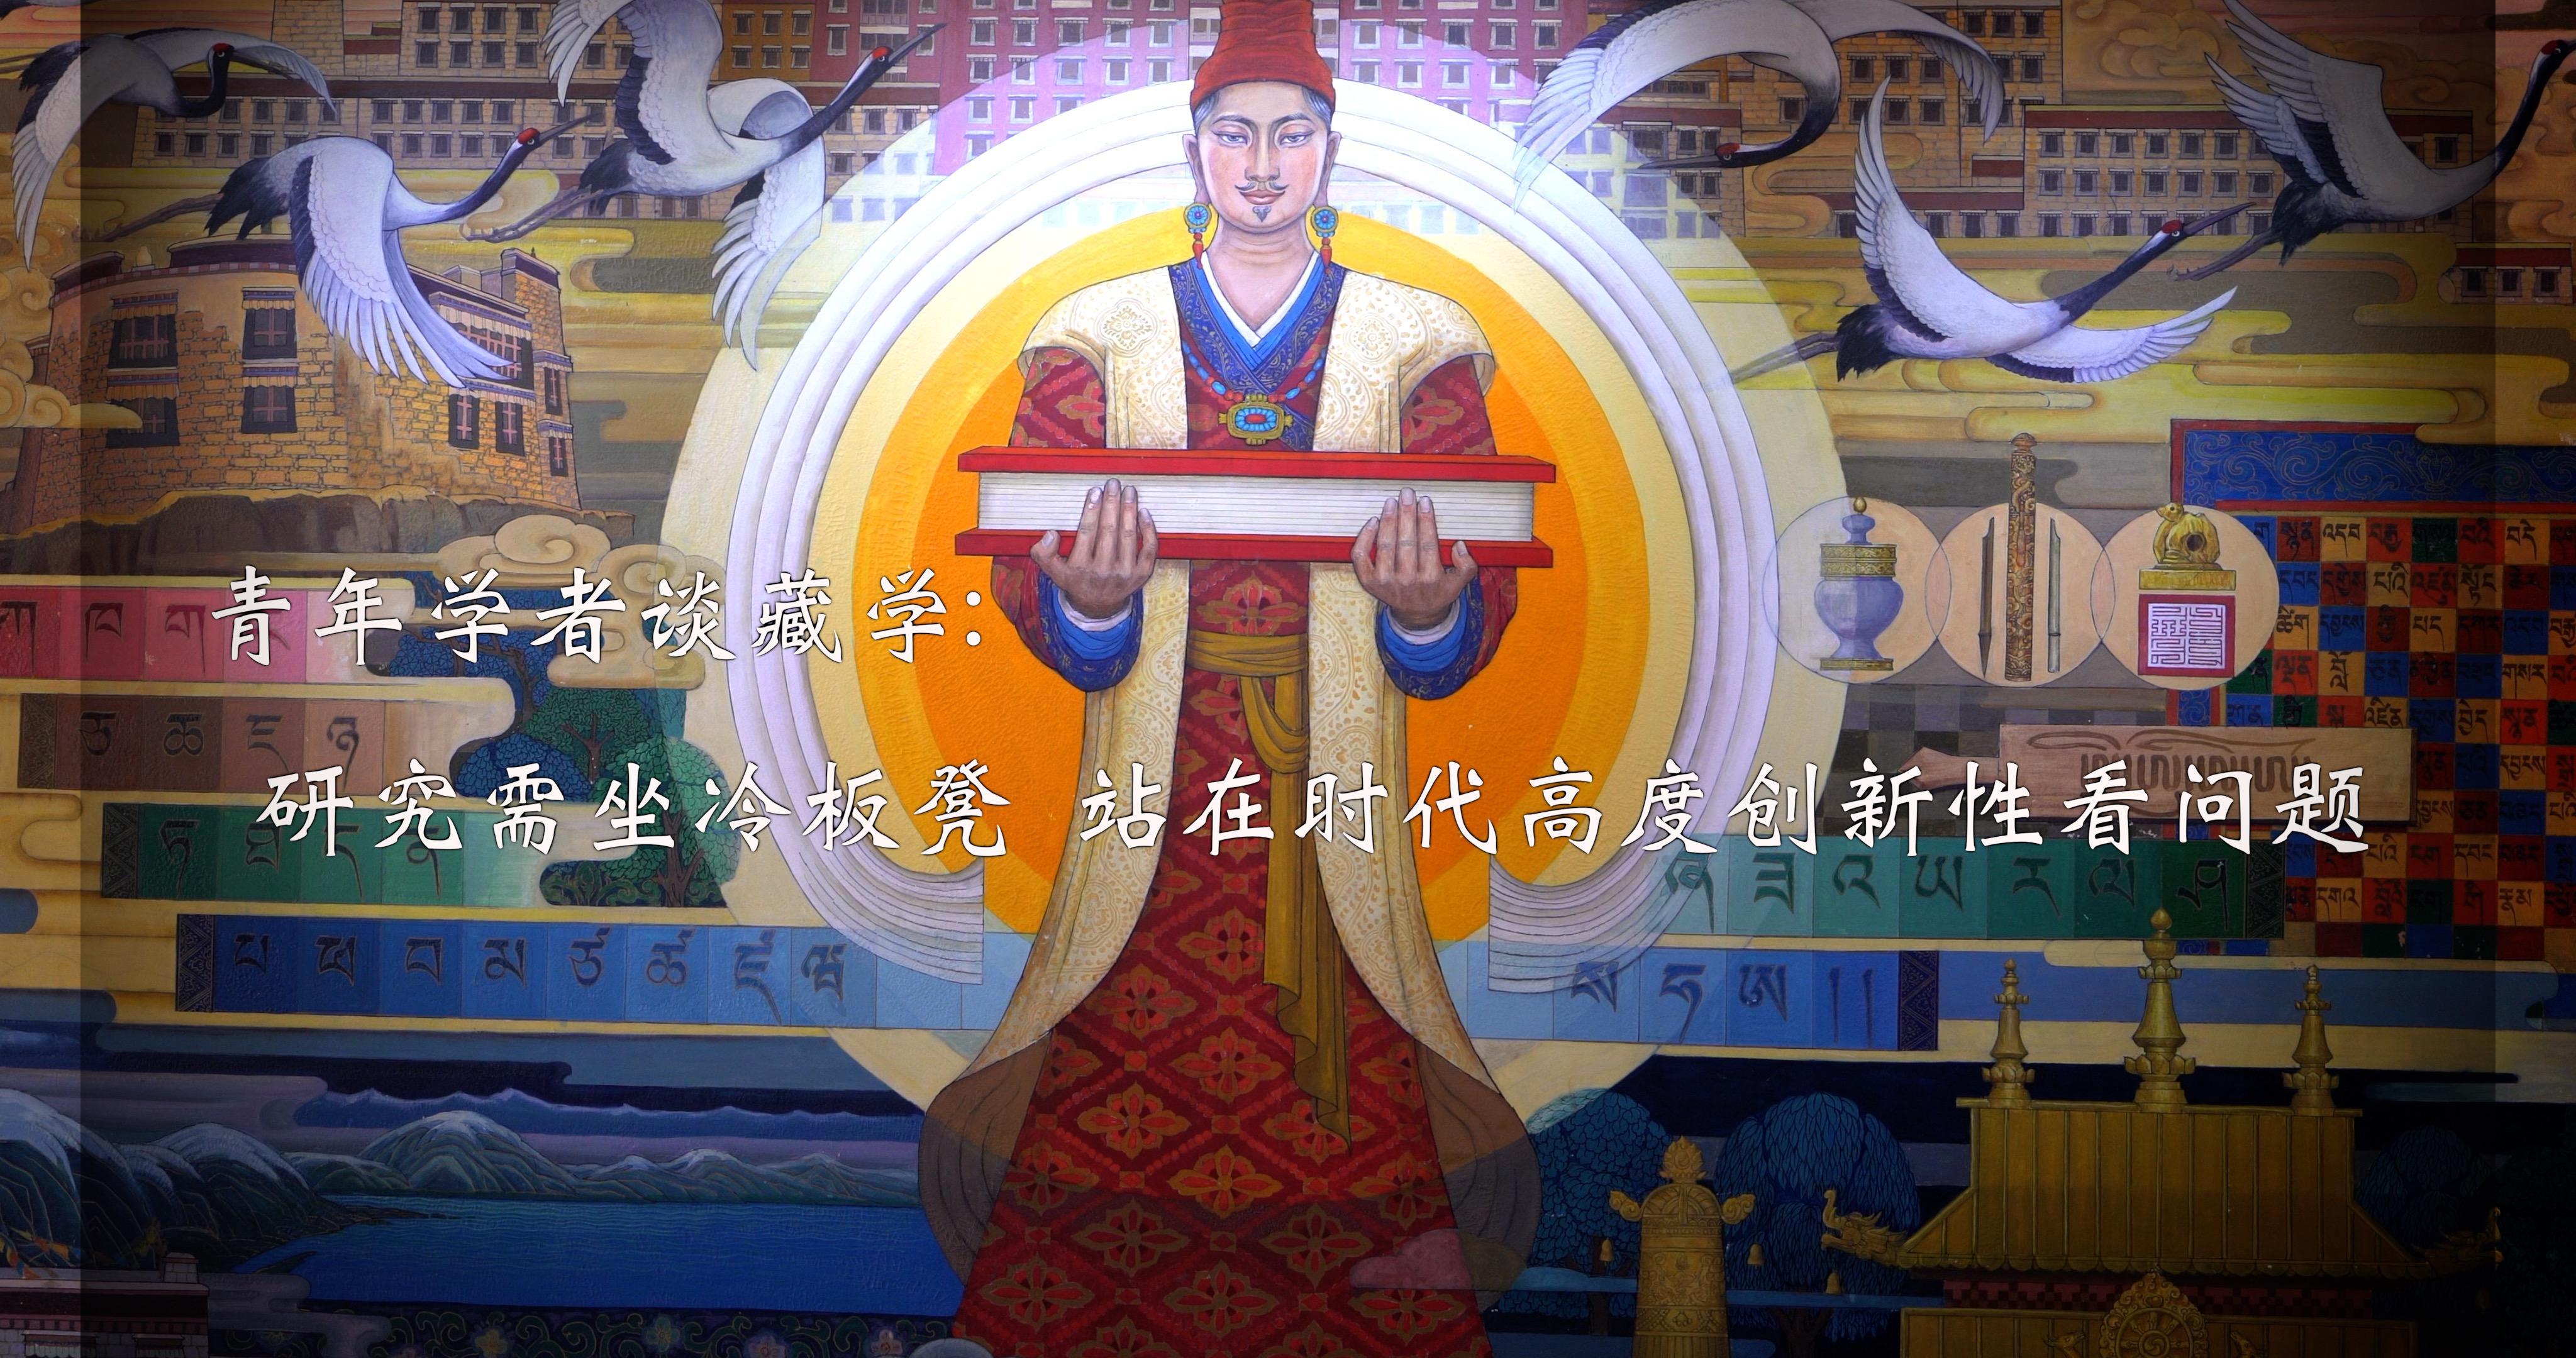 青年学者谈藏学:研究需坐冷板凳  站在时代高度创新性看问题